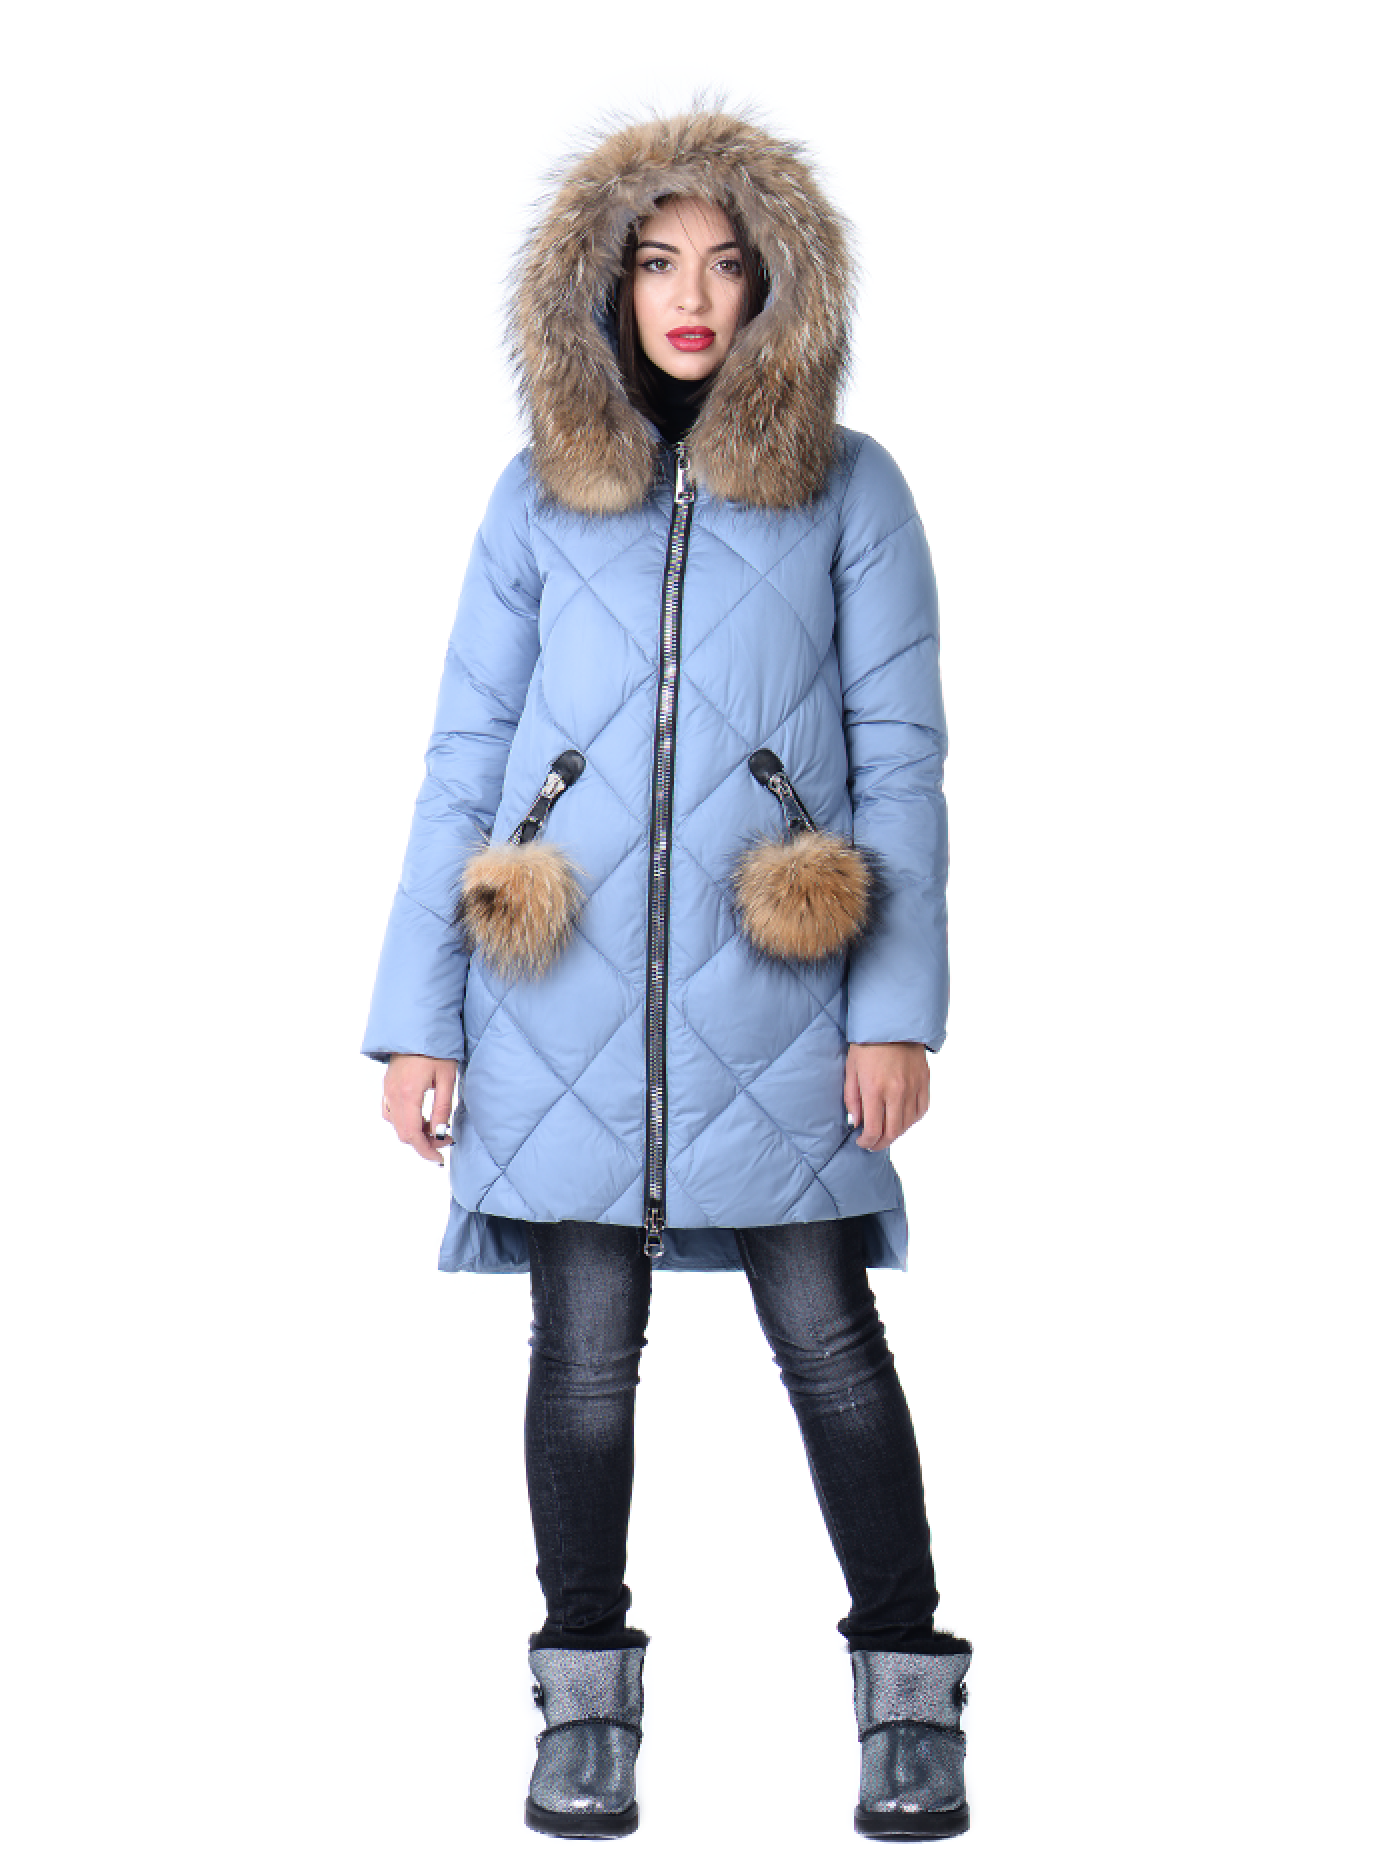 Зимняя куртка женская с мехом енота Голубой L (05-CH19067): фото - Alster.ua